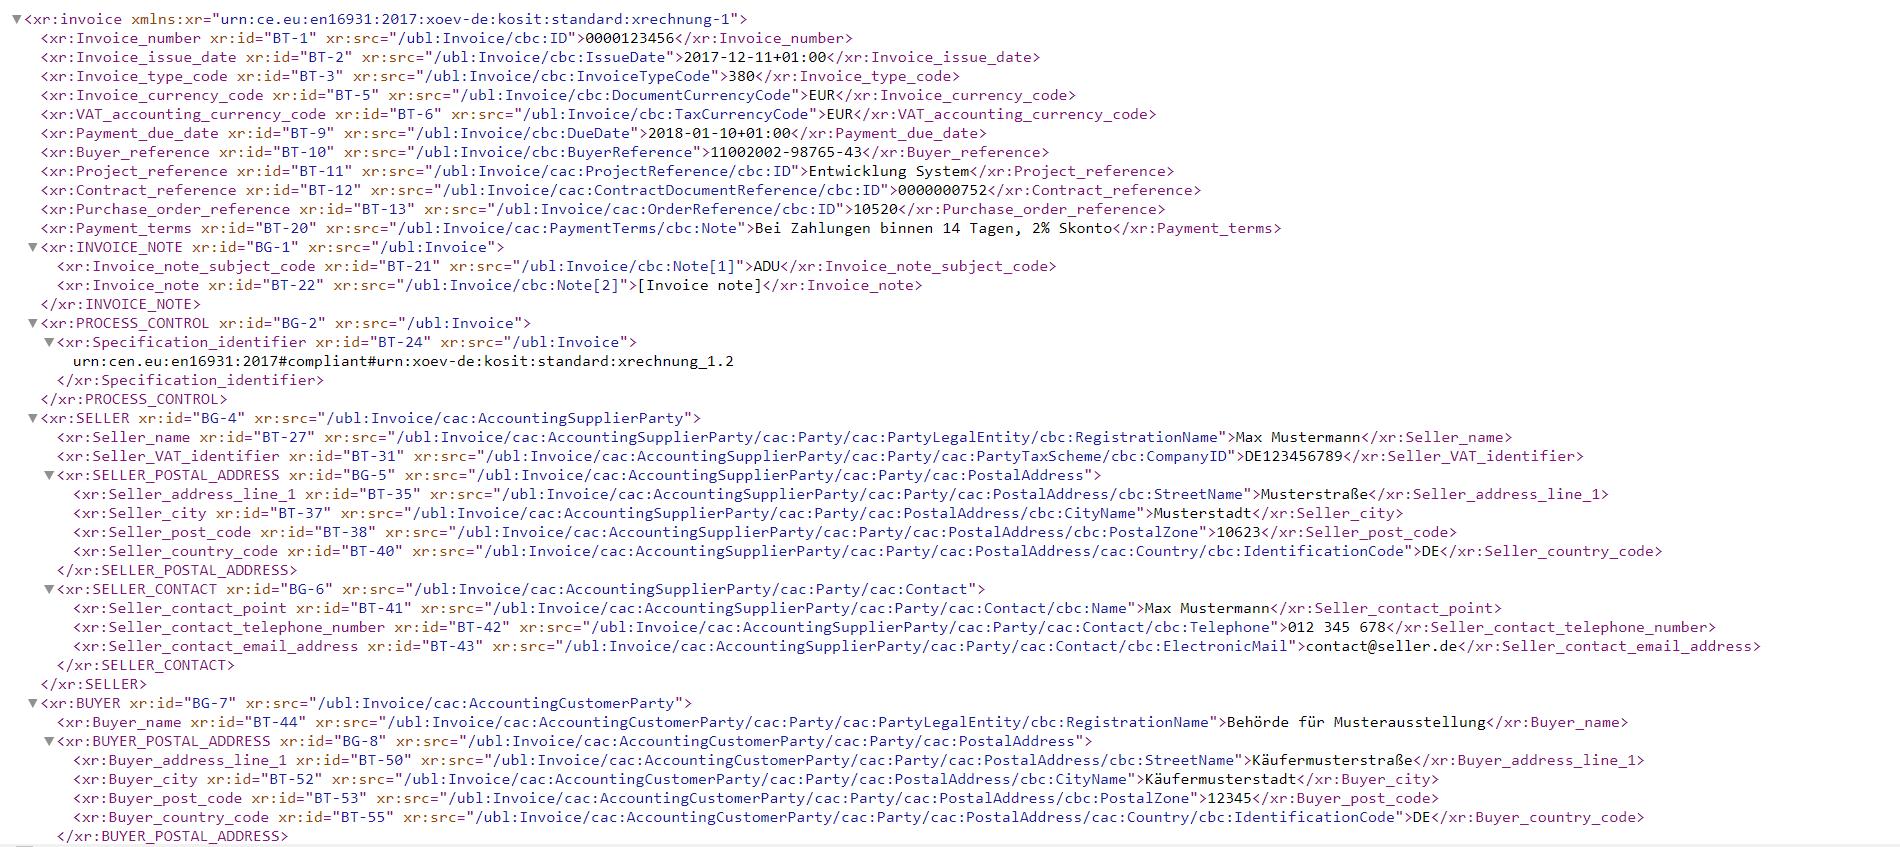 Ausschnitt einer XRechnung in UBL (Anklicken für größere Darstellung